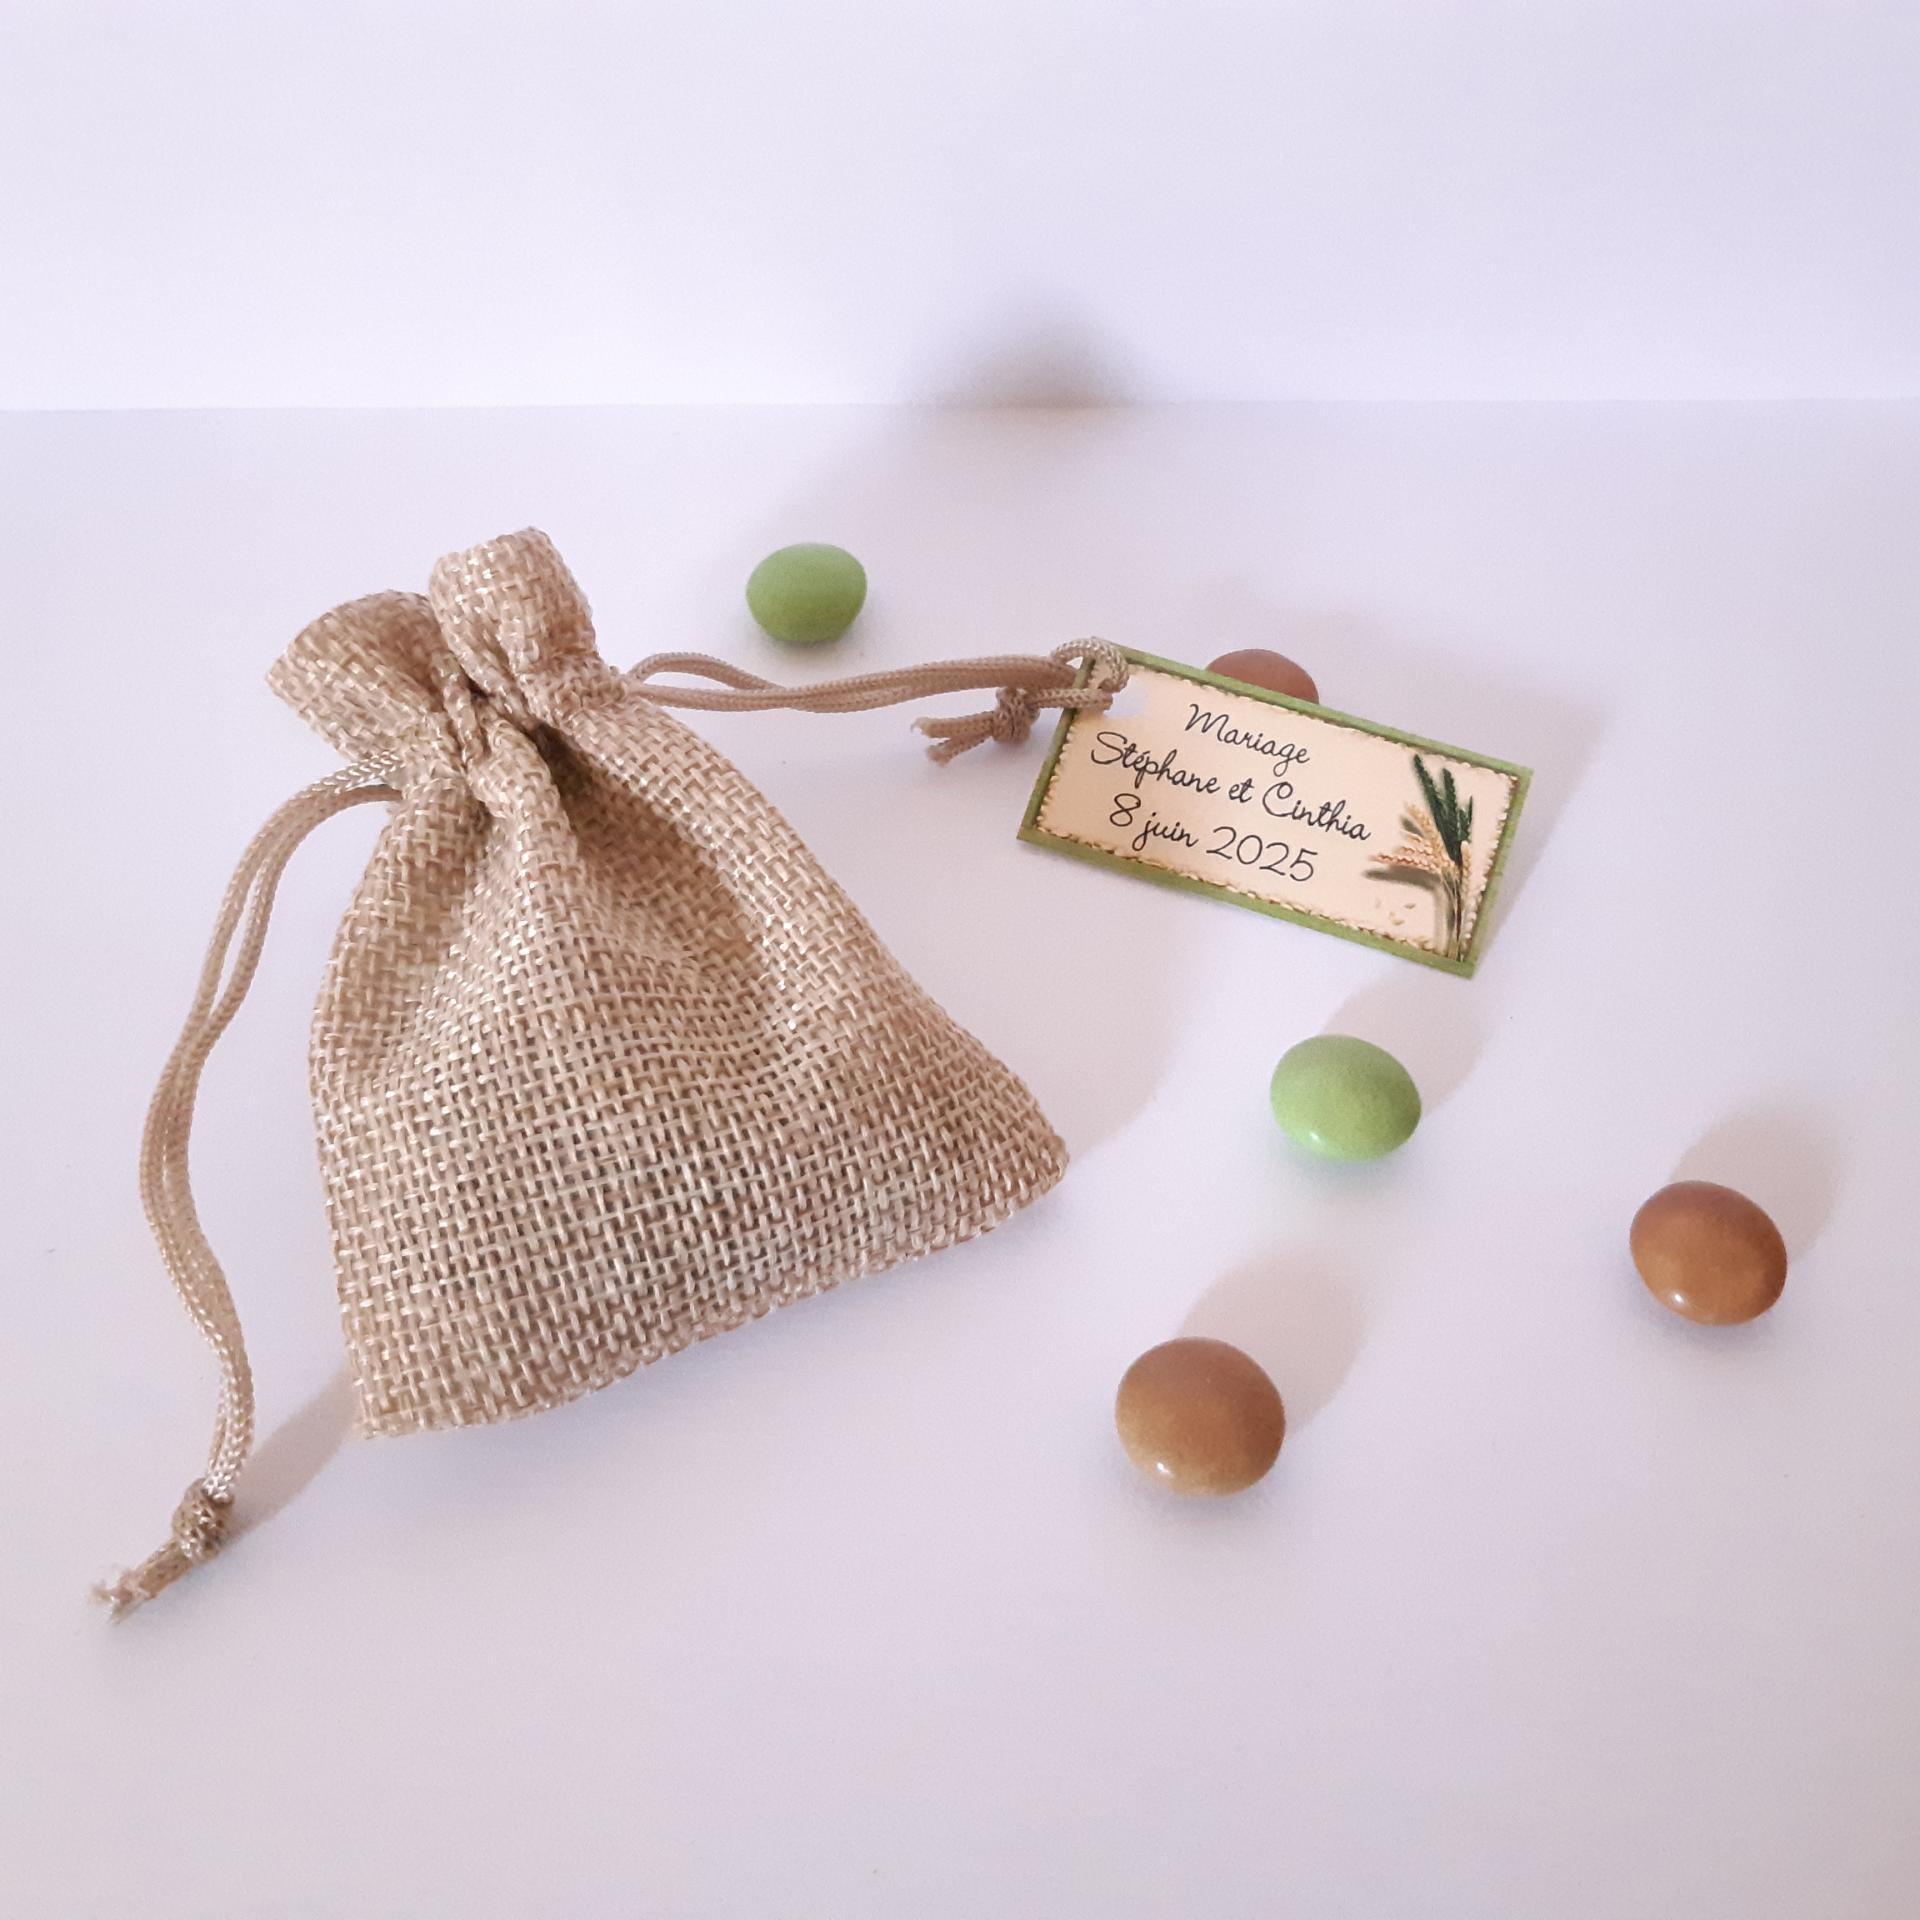 sac en toile de jute pour dragées avec étiquette dragées blé